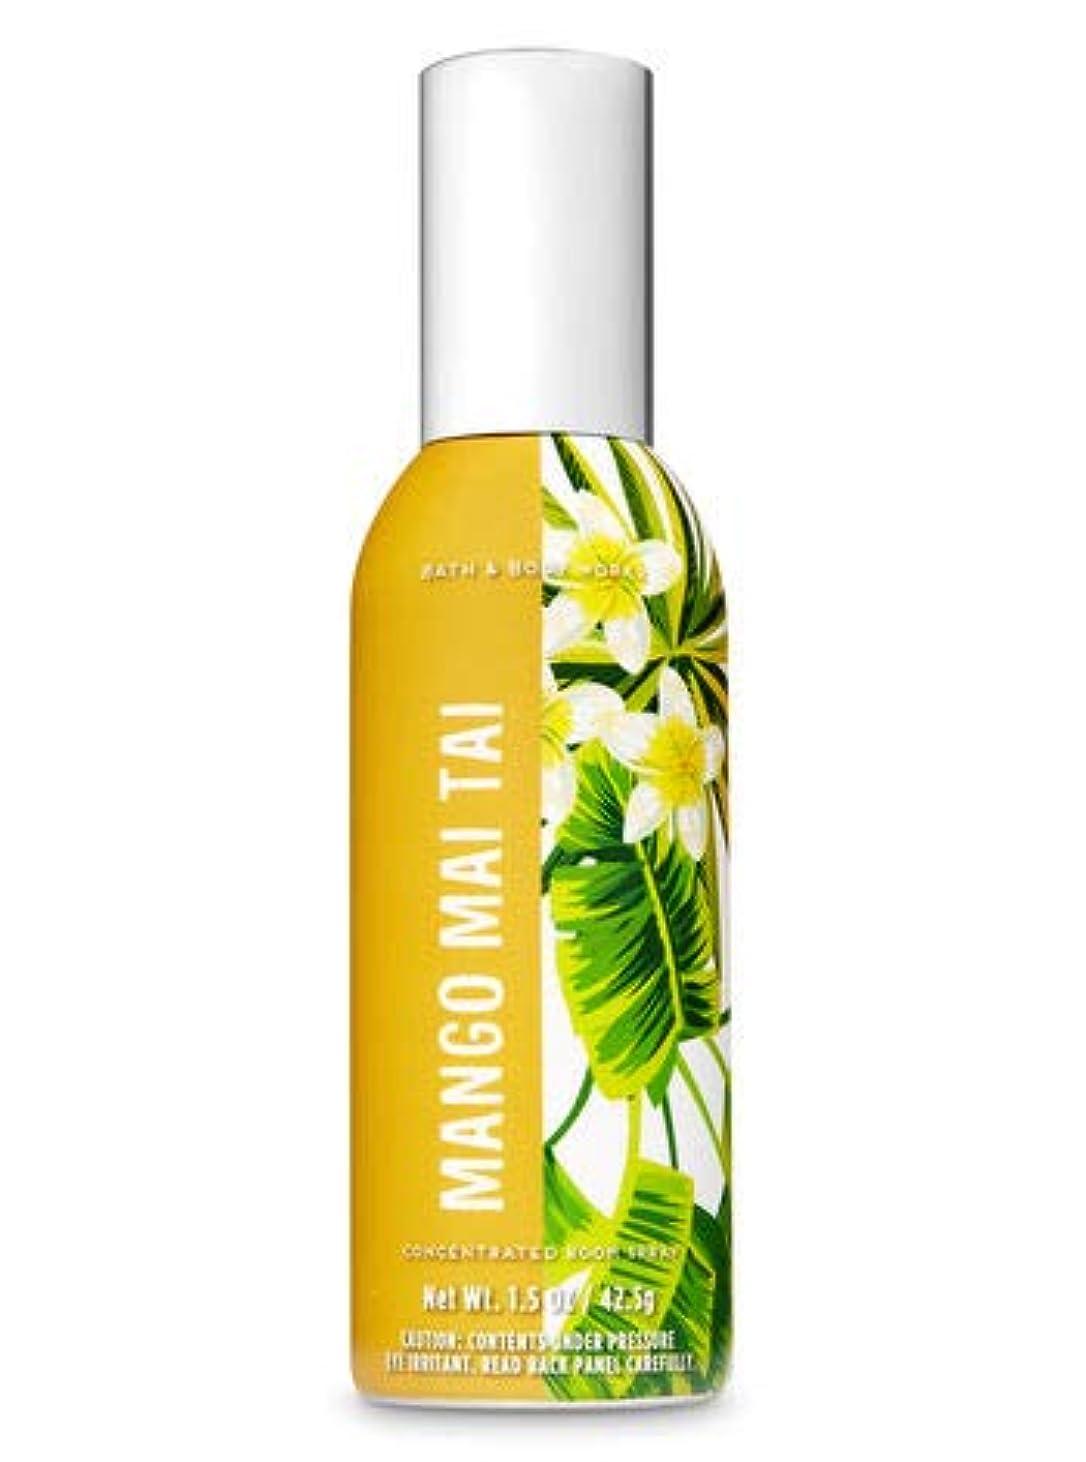 条件付き化粧震え【Bath&Body Works/バス&ボディワークス】 ルームスプレー マンゴーマイタイ 1.5 oz. Concentrated Room Spray/Room Perfume Mango Mai Tai [並行輸入品]